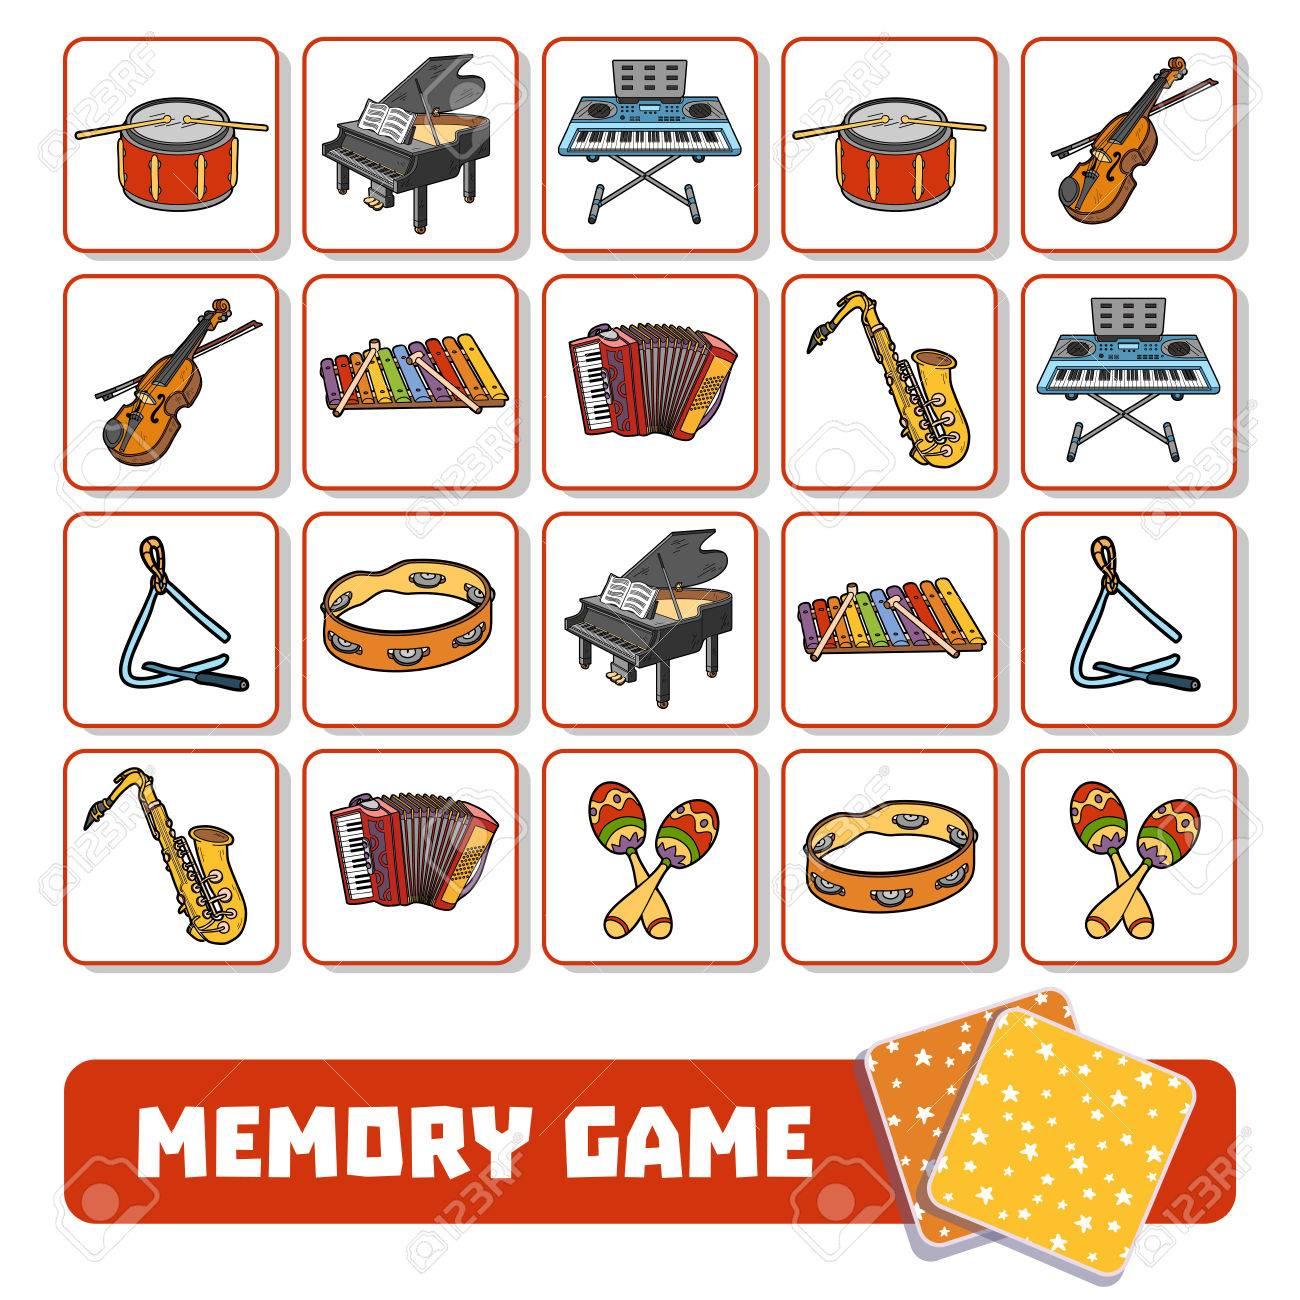 Jeu De Mémoire Pour Enfants D'âge Préscolaire, Cartes Vectorielles Avec  Instruments De Musique intérieur Jeux De Memory Pour Enfants